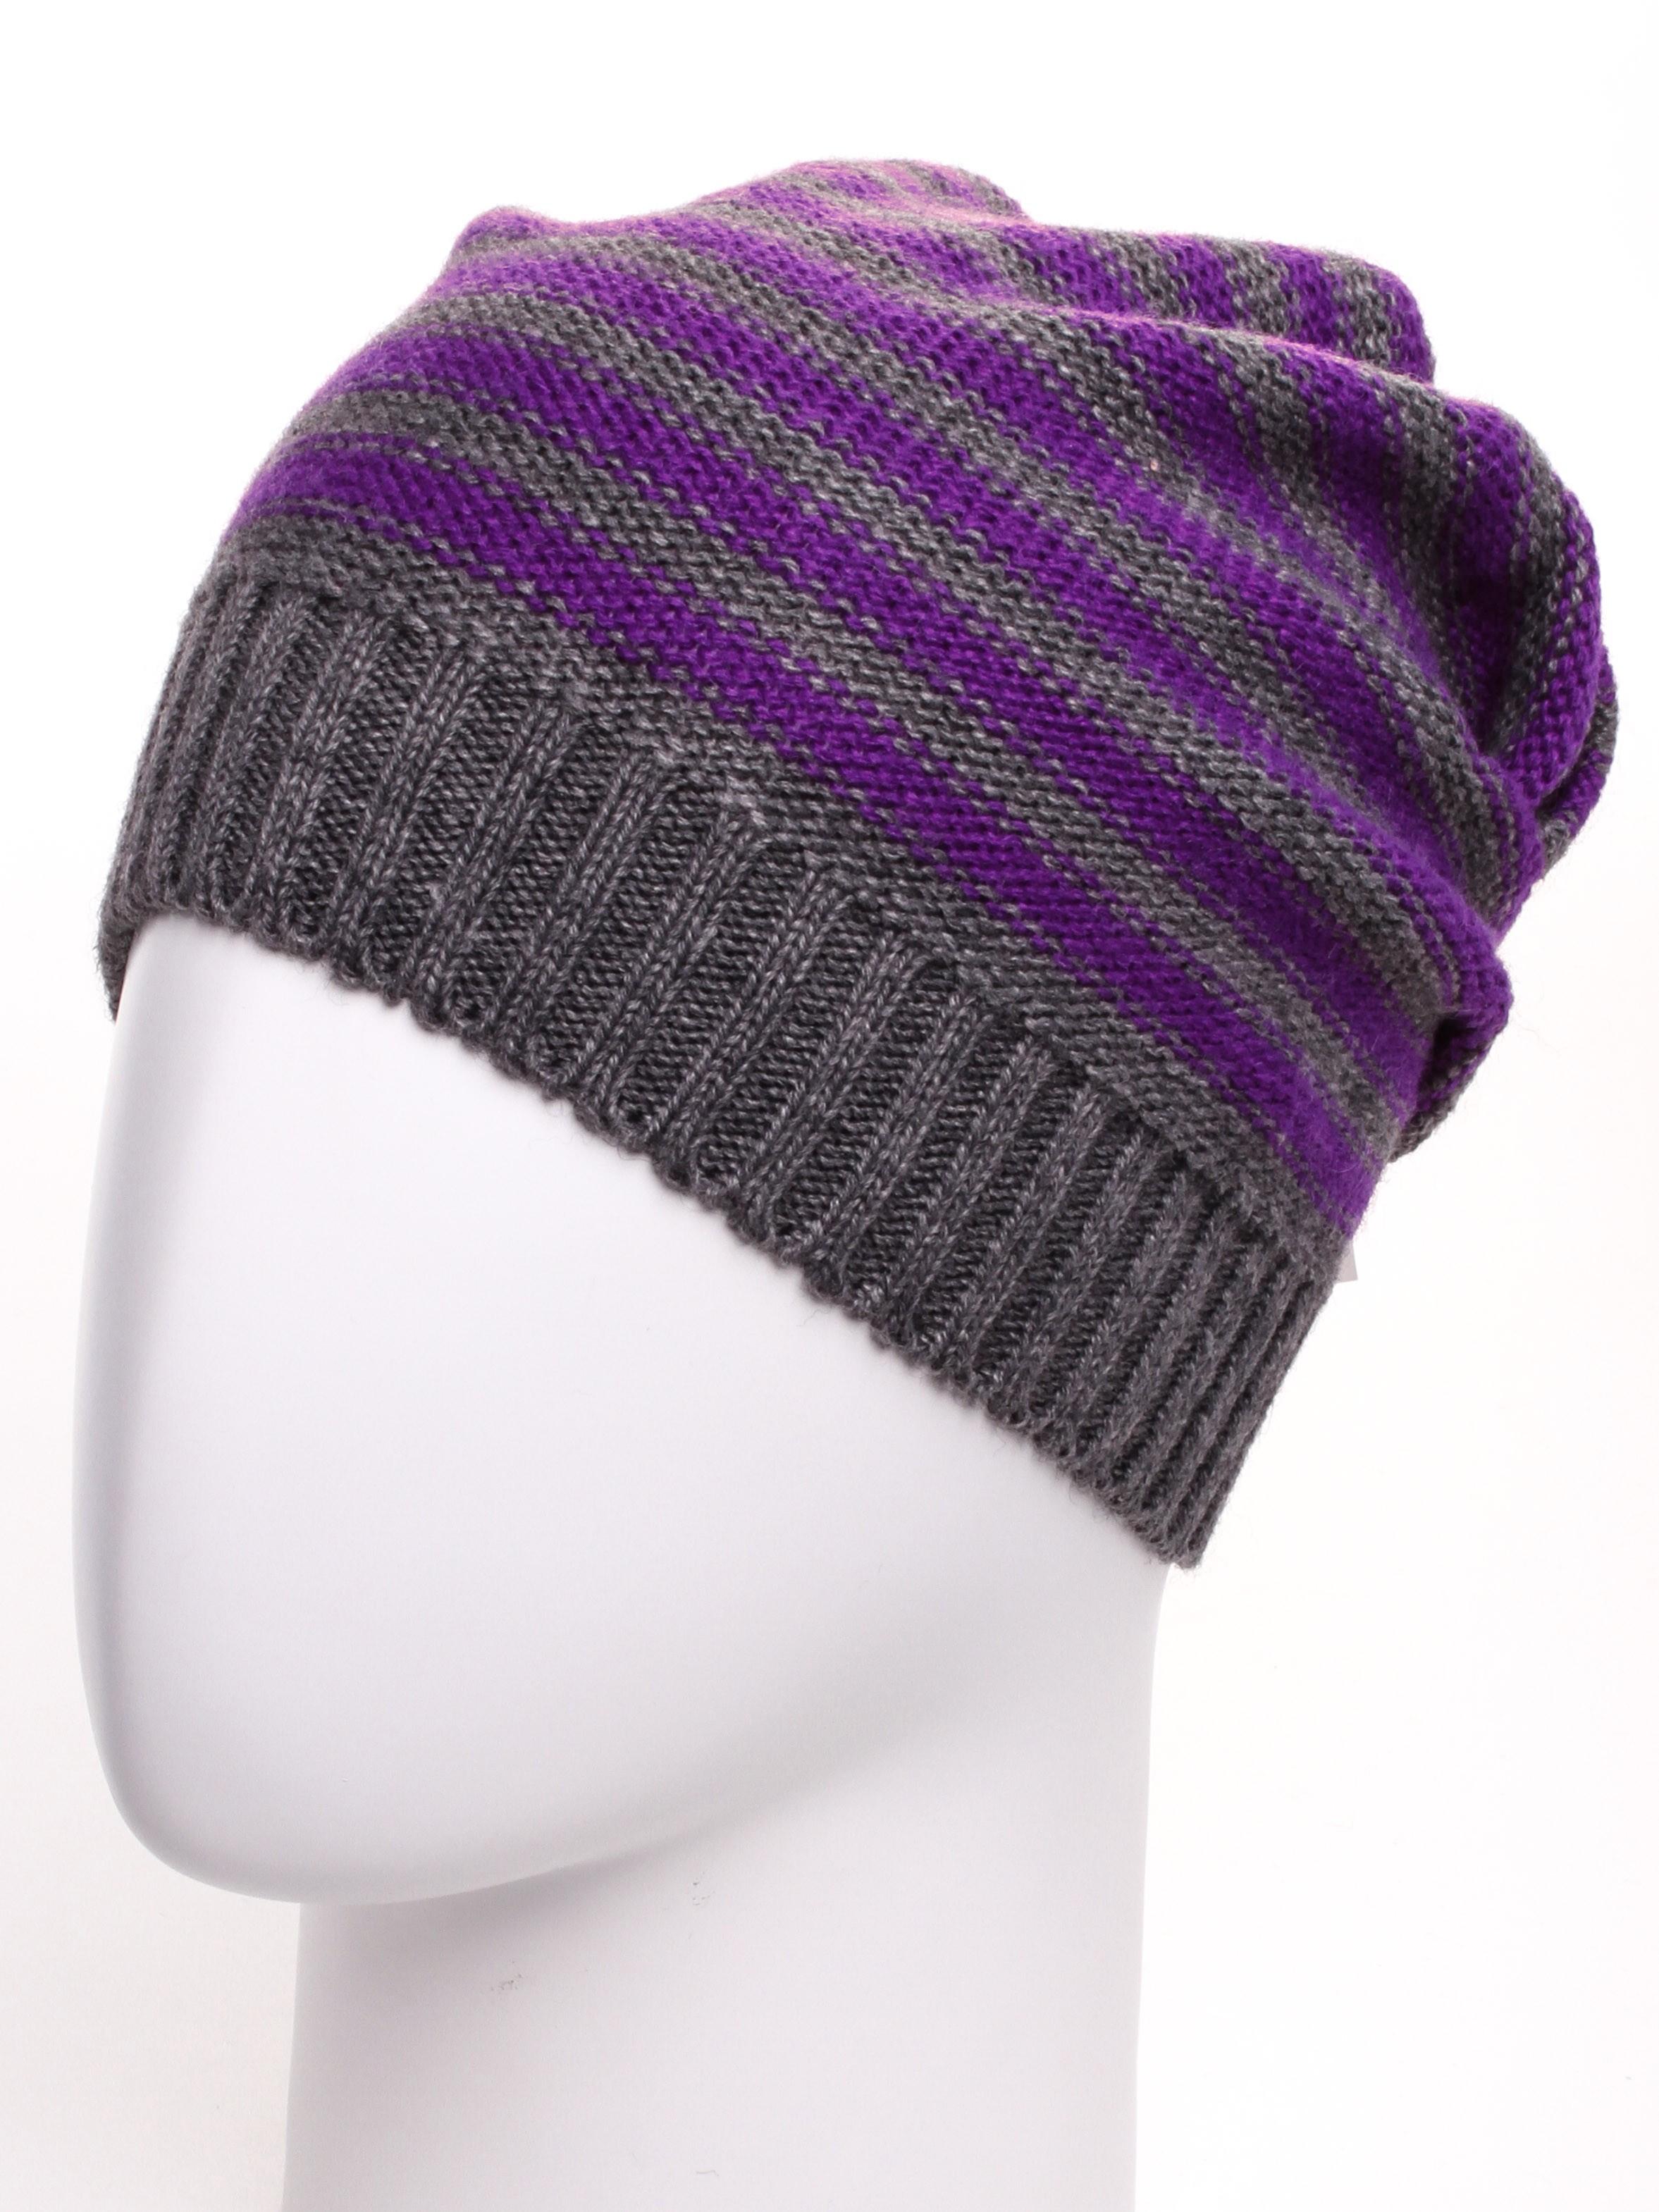 Шапка GU(185)-GOL-universalШапки<br>Стильная шапка защитит Вас от непогоды и станет прекрасным дополнением Вашего образа.  В изделии использованы цвета: серый, фиолетовый<br><br>По материалу: Вязаные<br>По рисунку: В полоску,Цветные<br>По сезону: Зима<br>Размер : universal<br>Материал: Вязаное полотно<br>Количество в наличии: 1